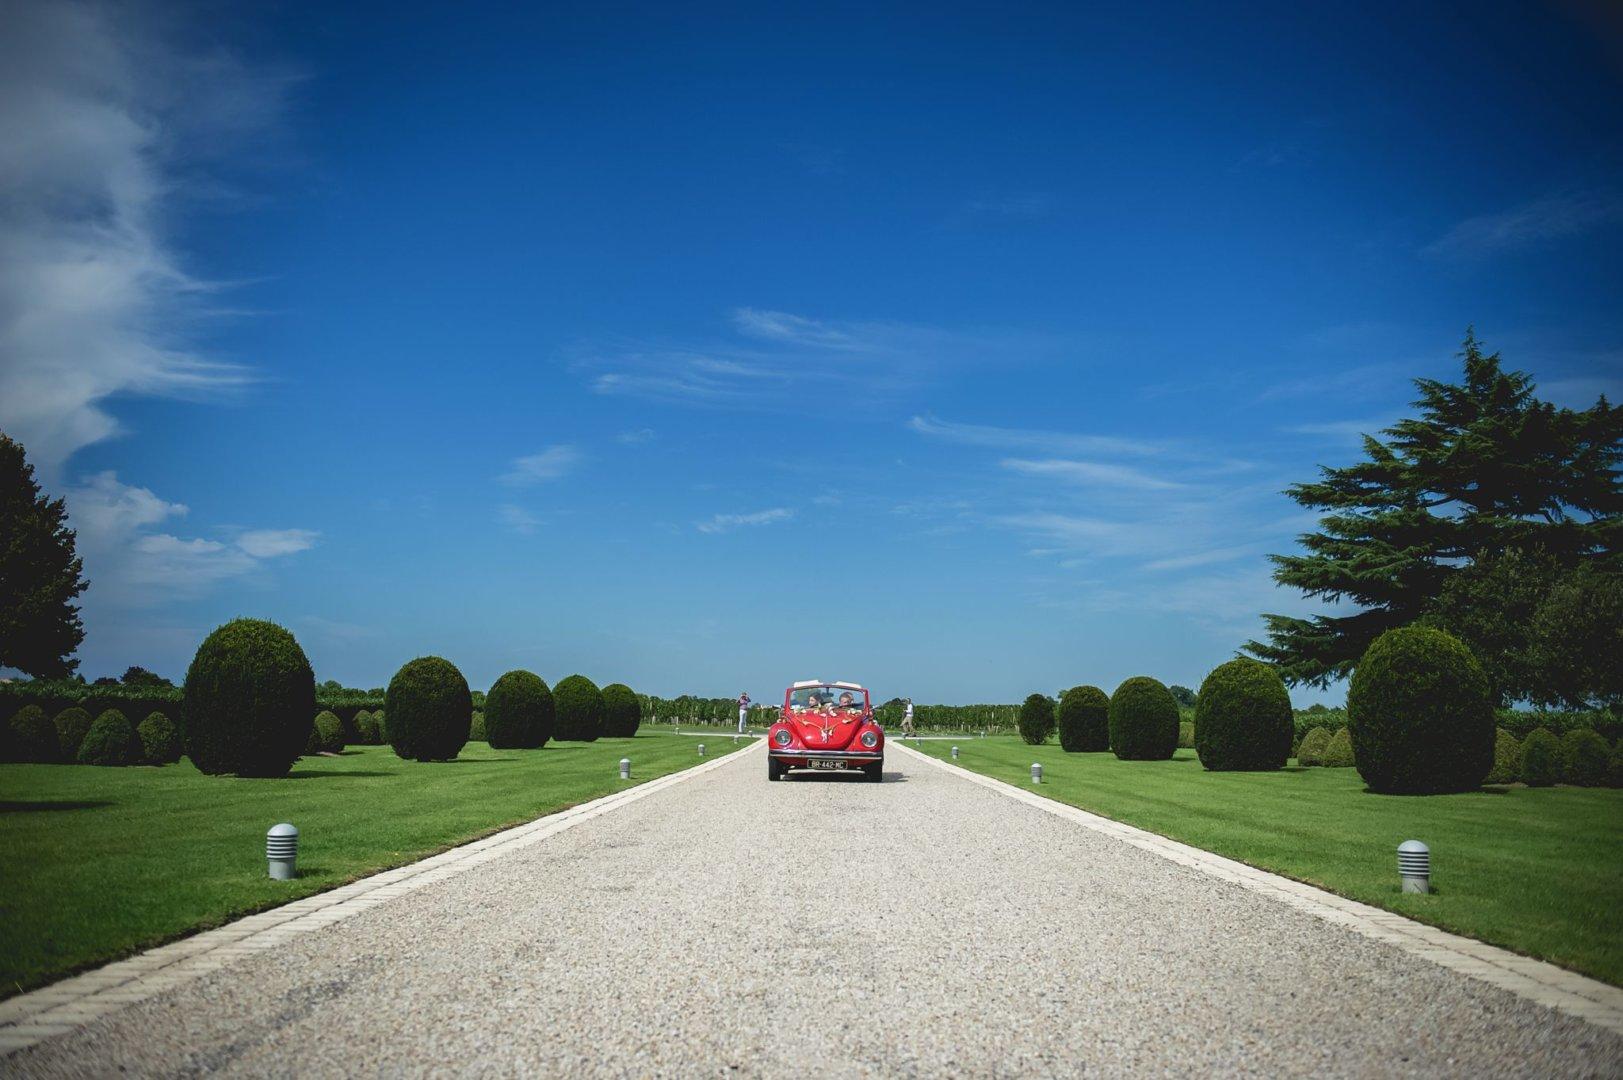 Une jolie coccinelle rouge en voiture d'honneur